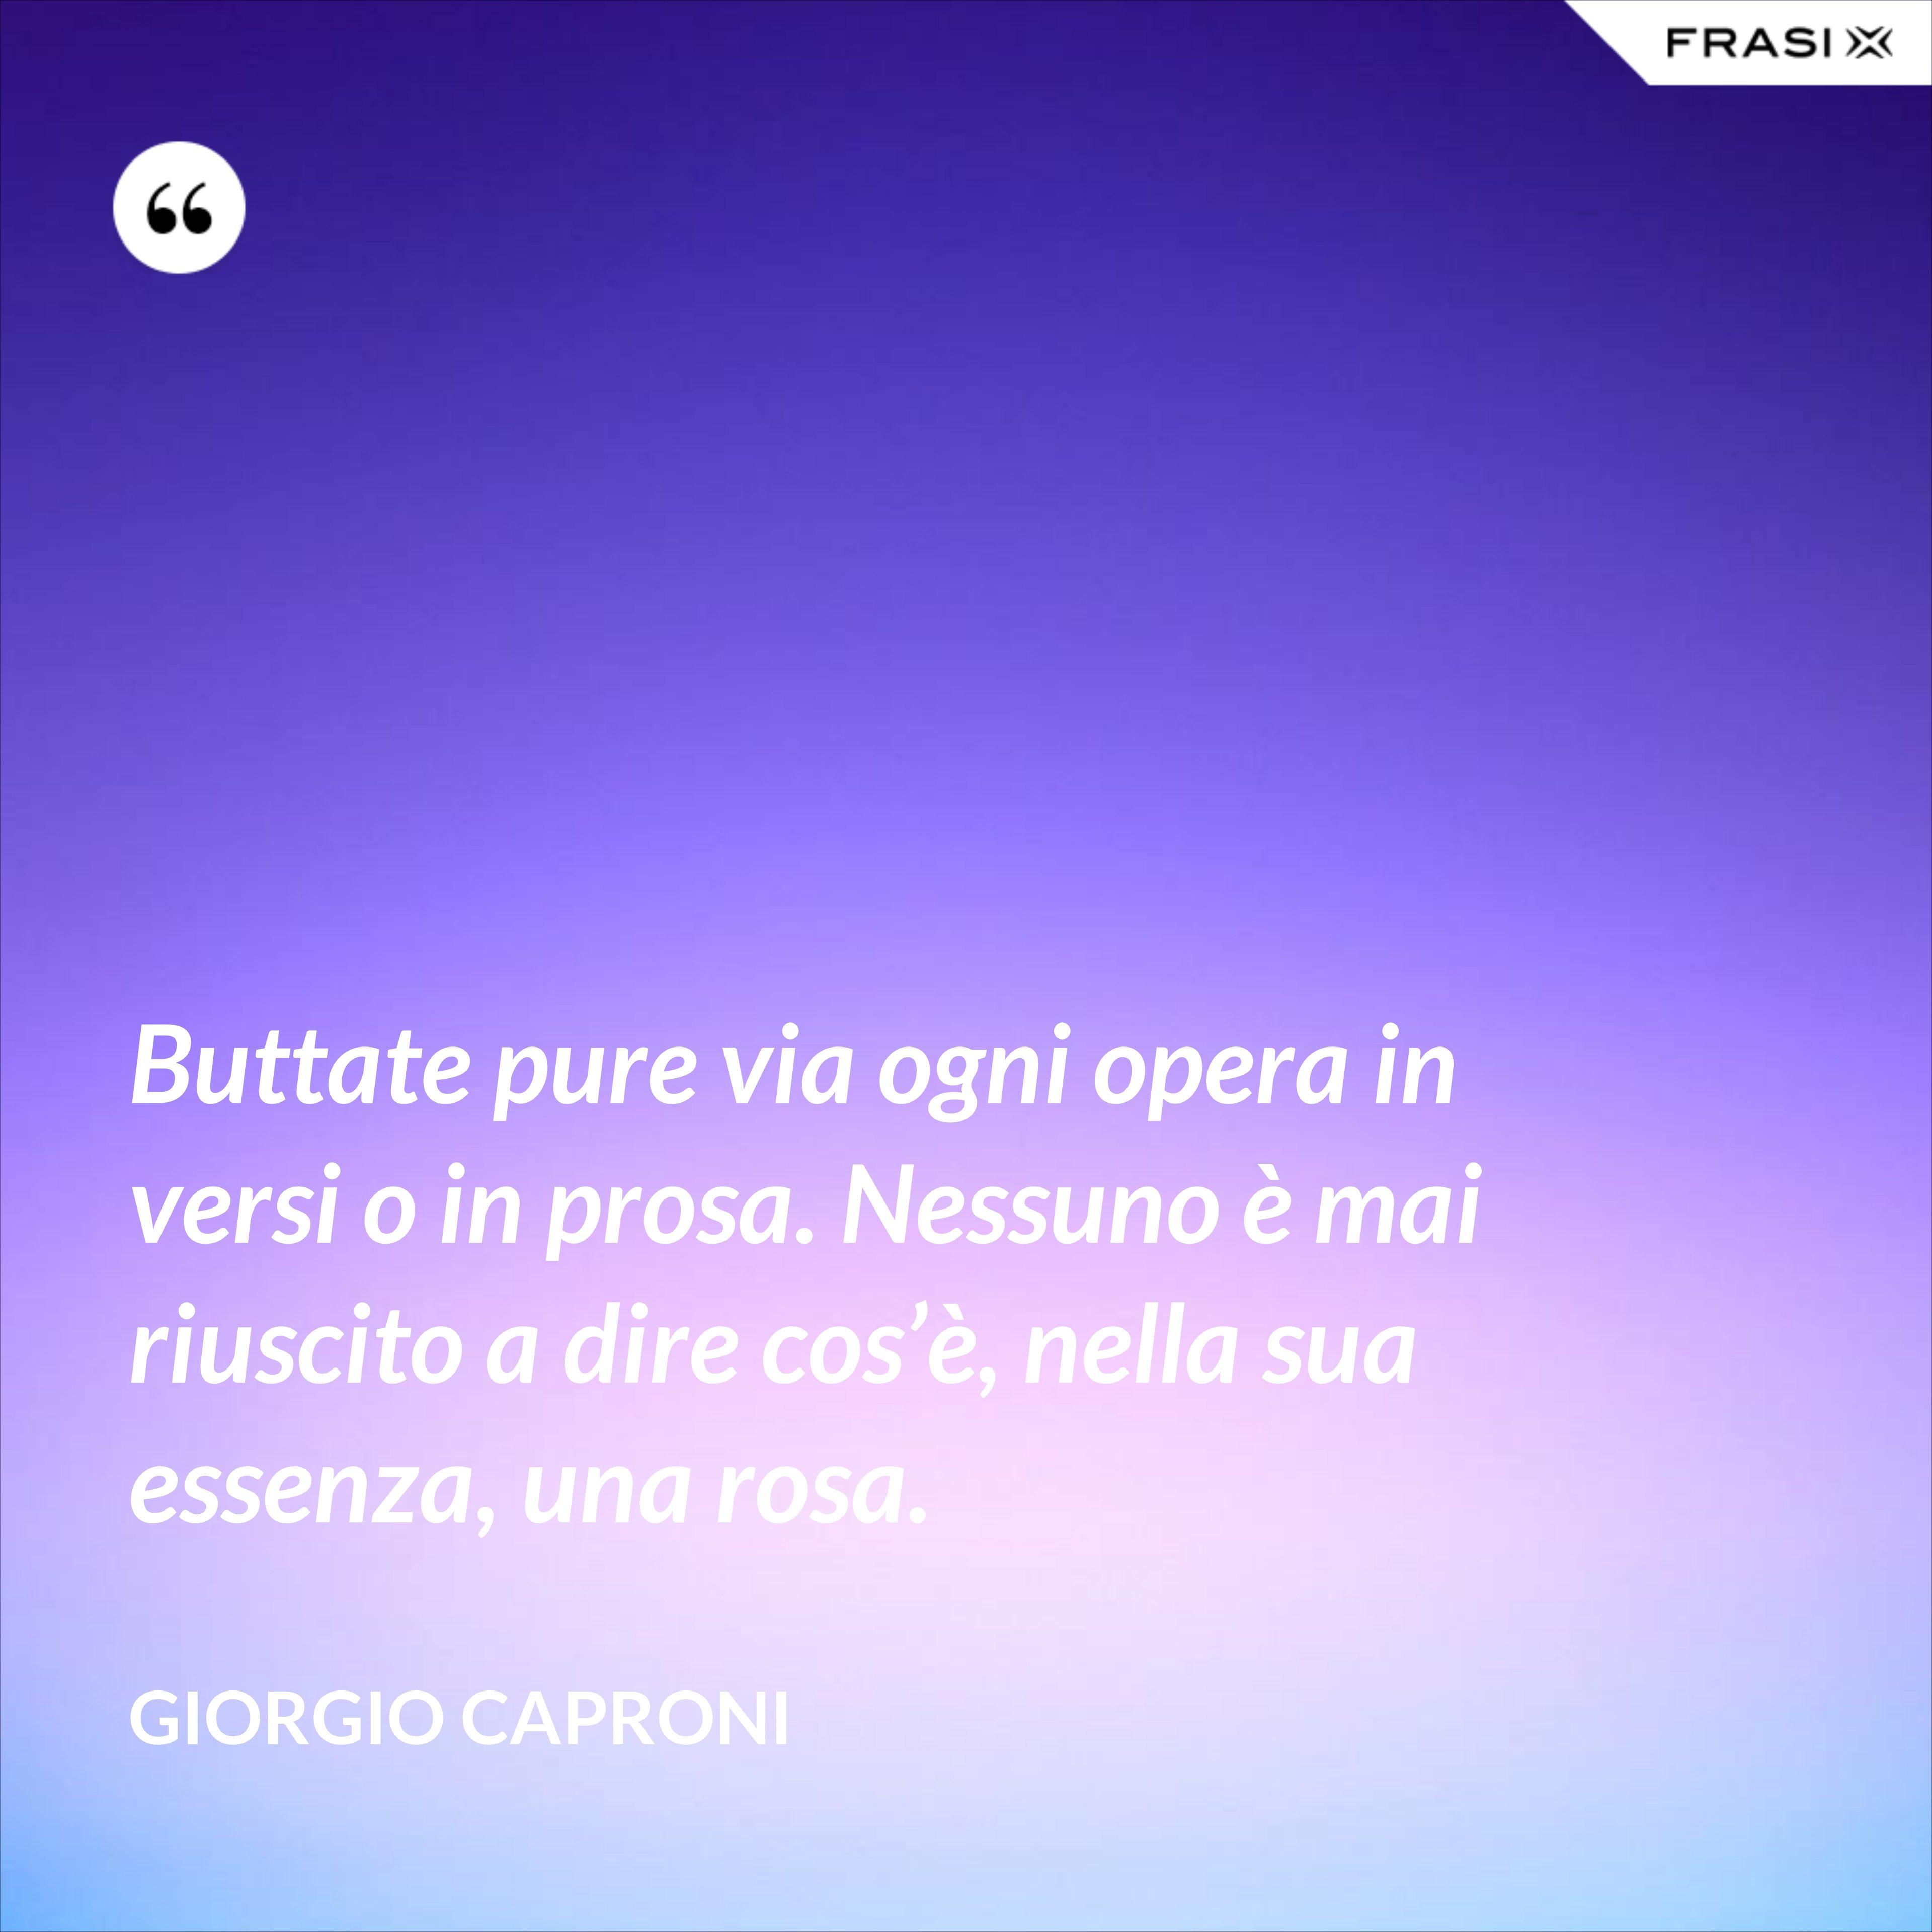 Buttate pure via ogni opera in versi o in prosa. Nessuno è mai riuscito a dire cos'è, nella sua essenza, una rosa. - Giorgio Caproni